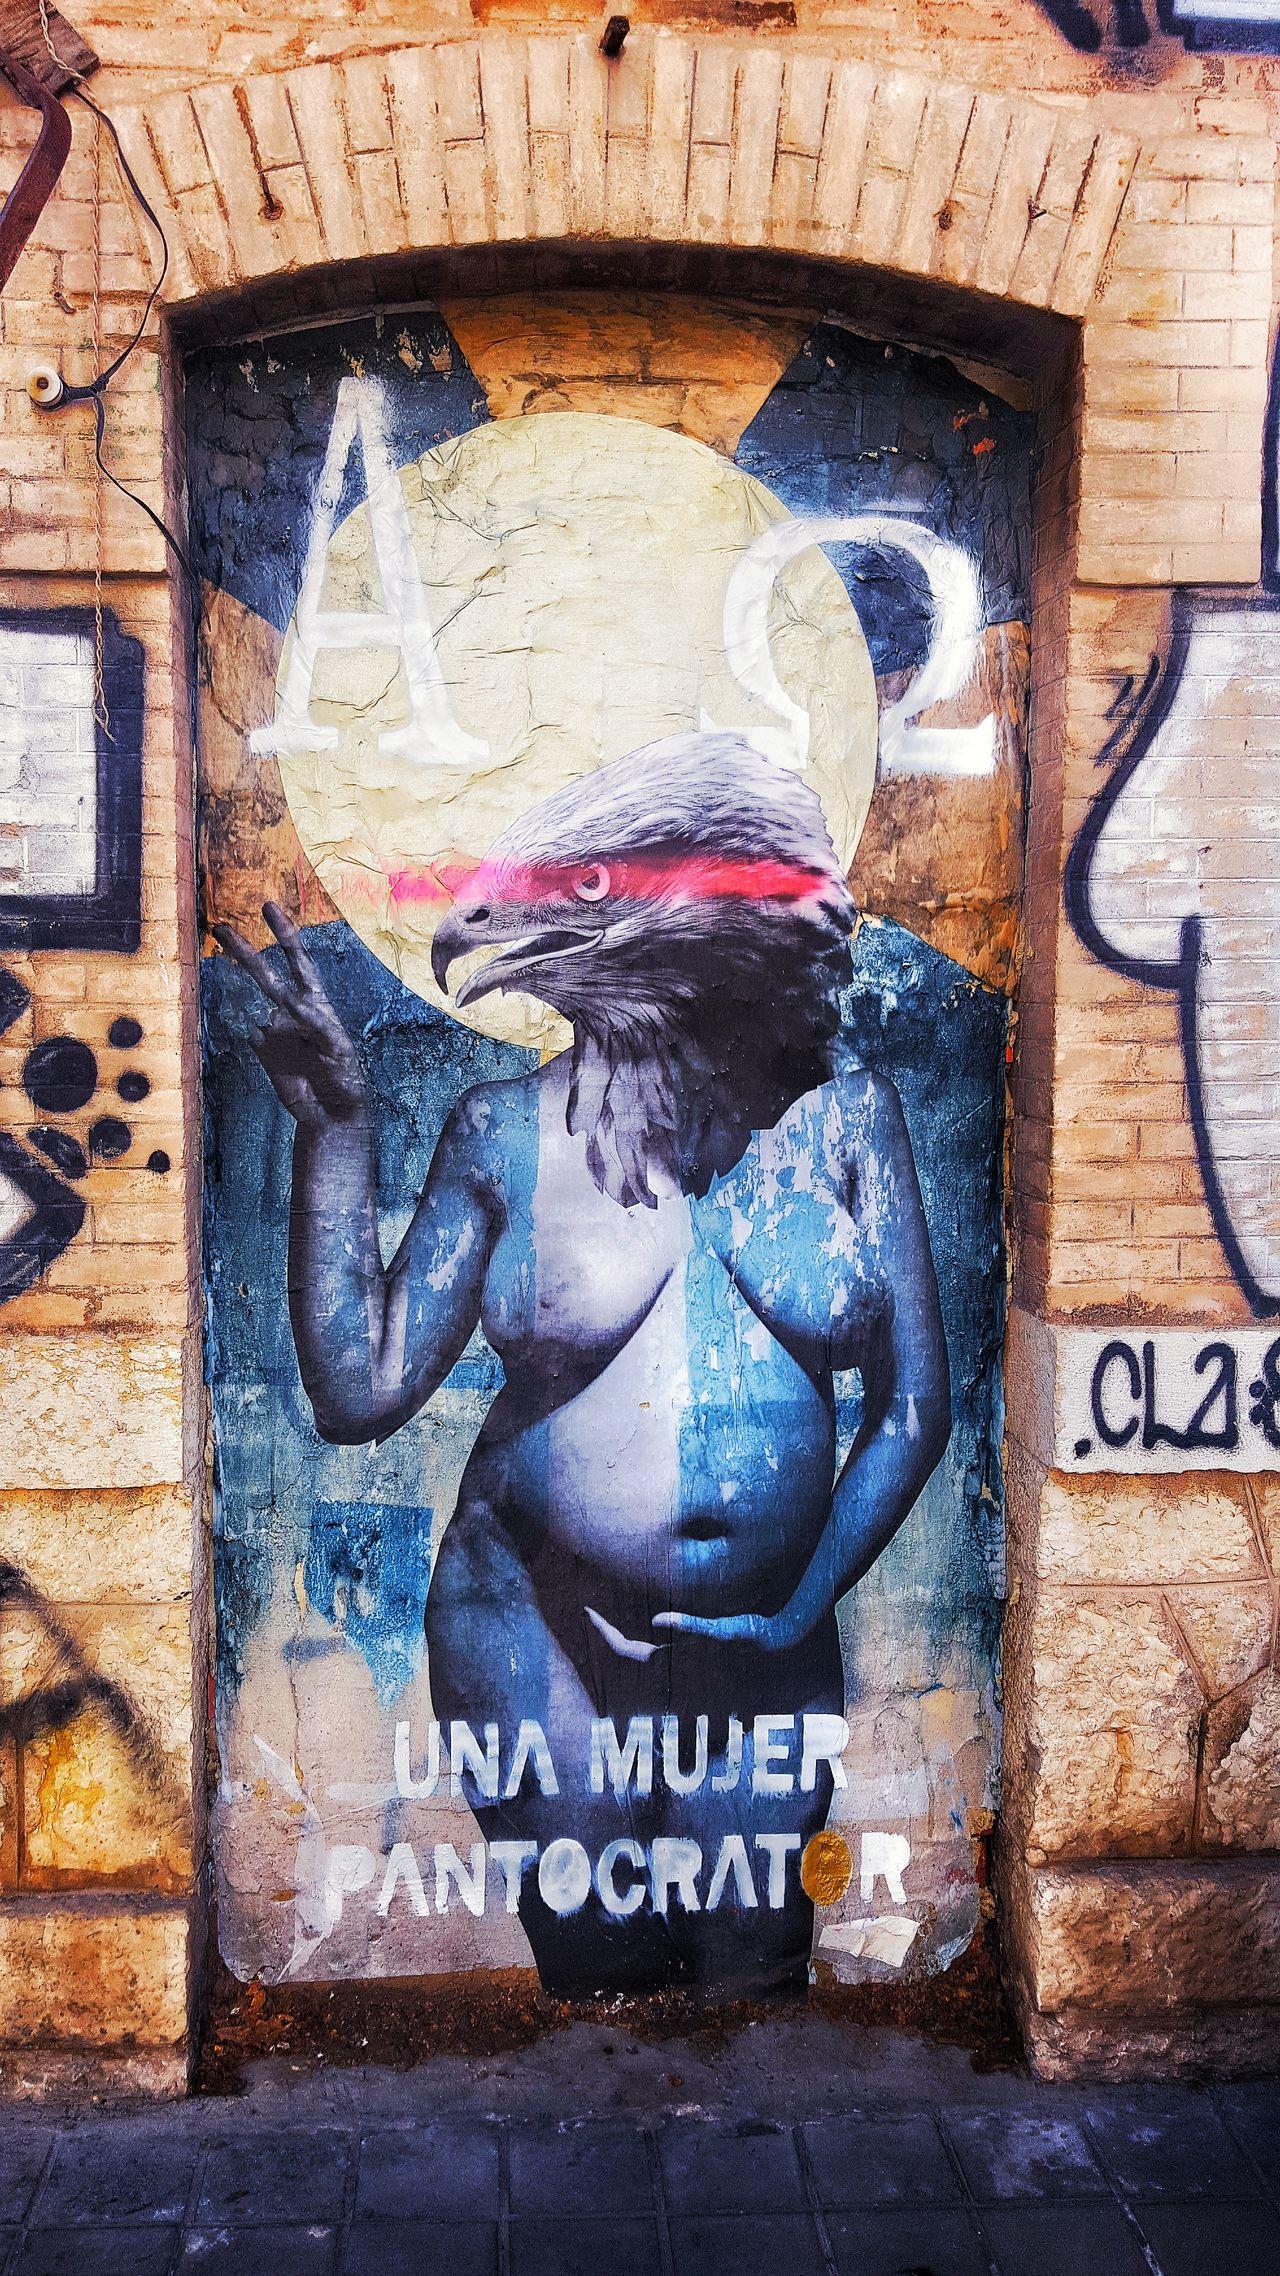 Graffiti Art Graffiti Grafitti Grafitti Street Art Grafity Grafitty Grafiti Art Grafitti Art. Grafiti Grafities Grafitti Art Grafiti Color Grafitti Mural Grafitioner_photo Grafitart Grafitiart Grafittiart Grafitii Grafitiartist Grafitiespaña